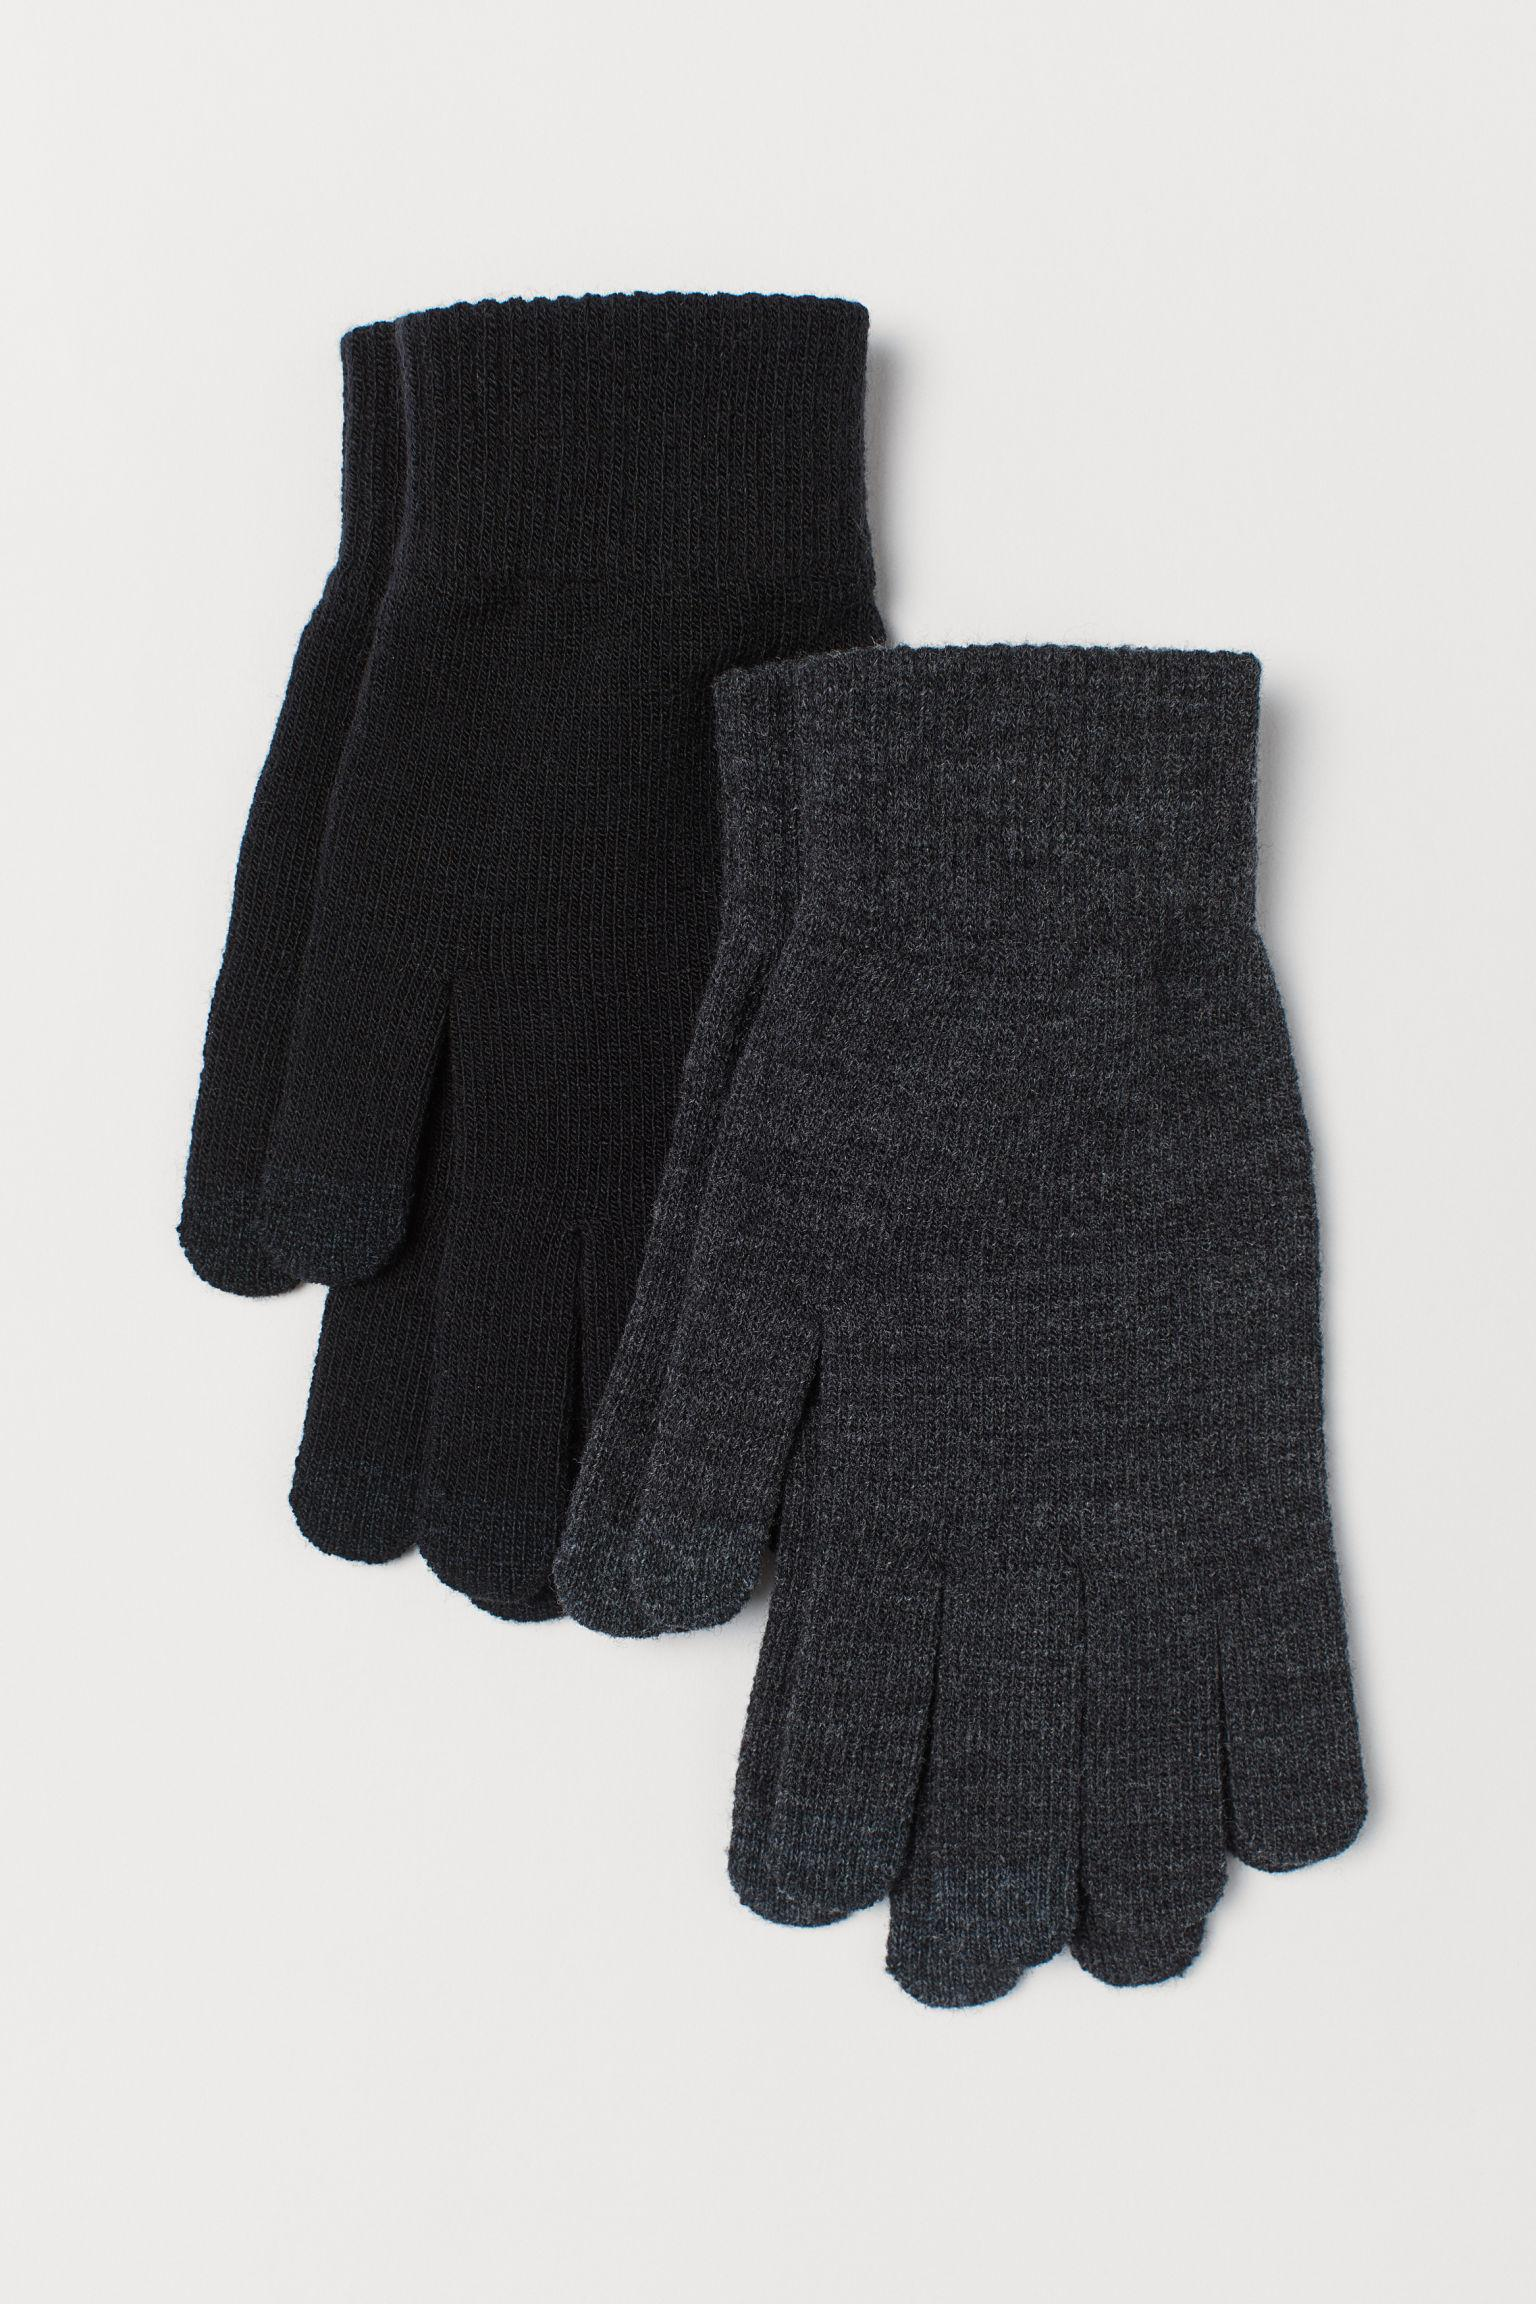 arrives 100% top quality skate shoes 2er-Pack Smartphone-Handschuhe